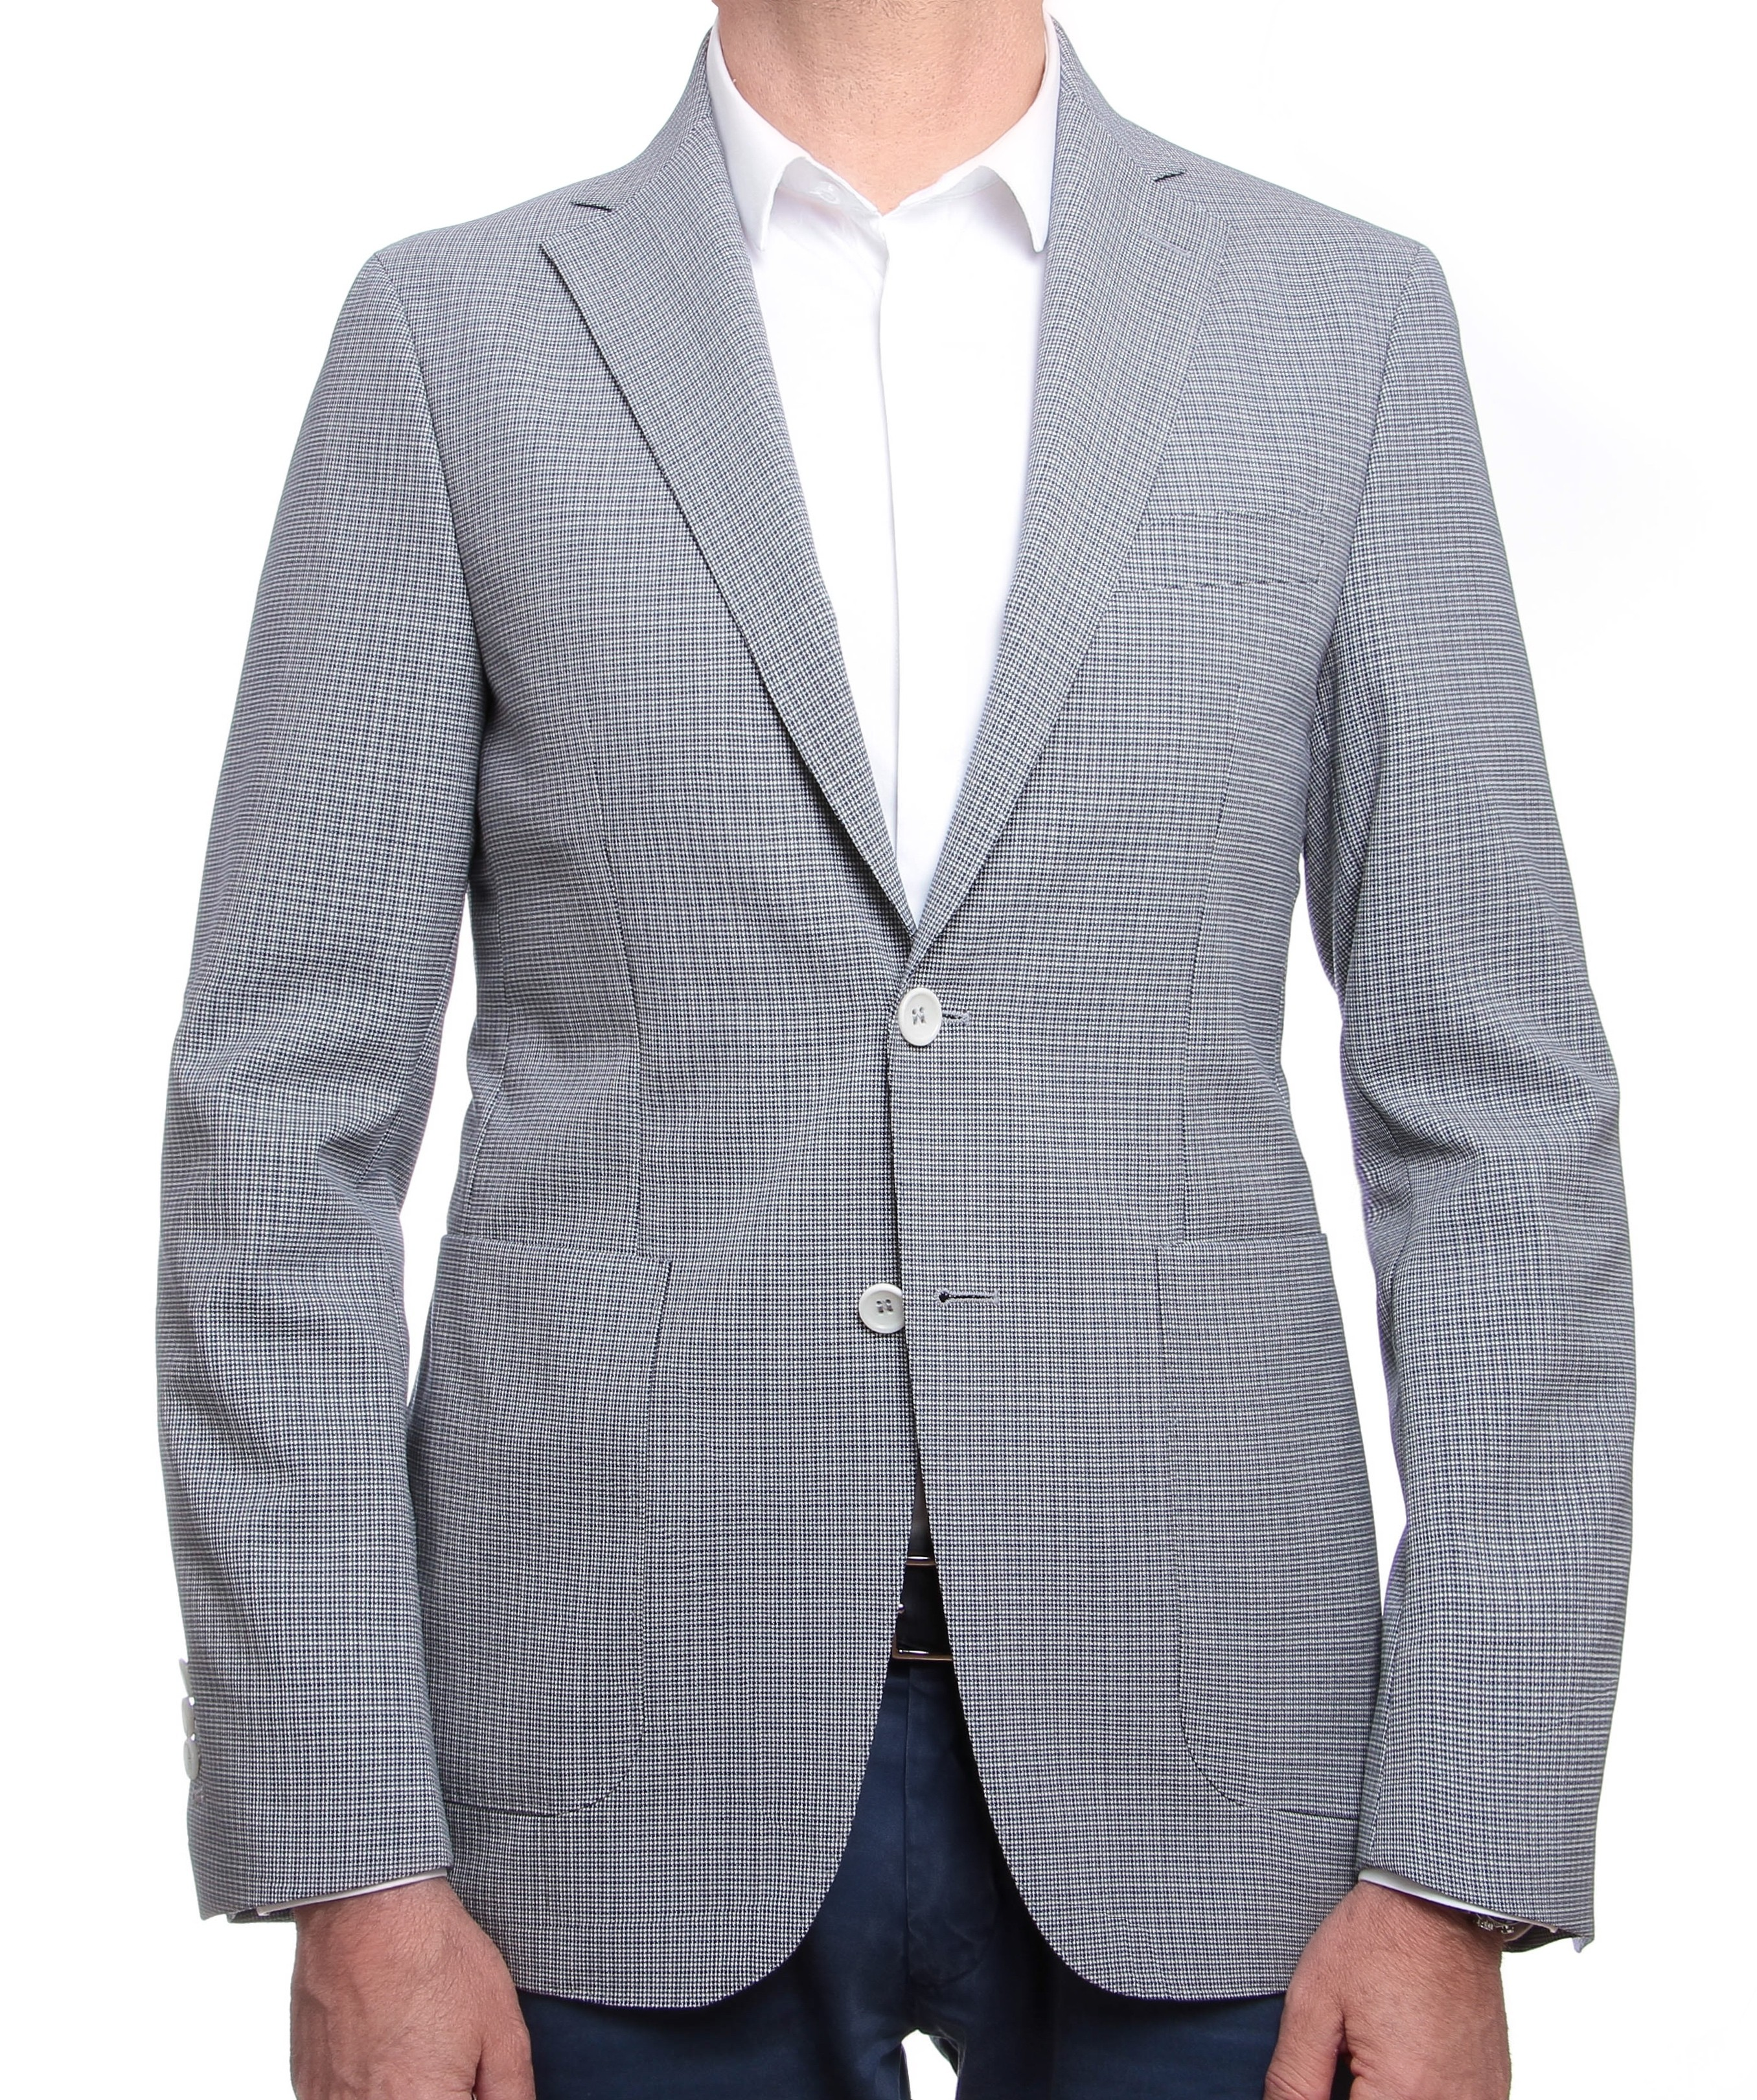 Veste pied-de-puce : Marine et blanc - Pure laine vierge - Canonico 110's (Suits)